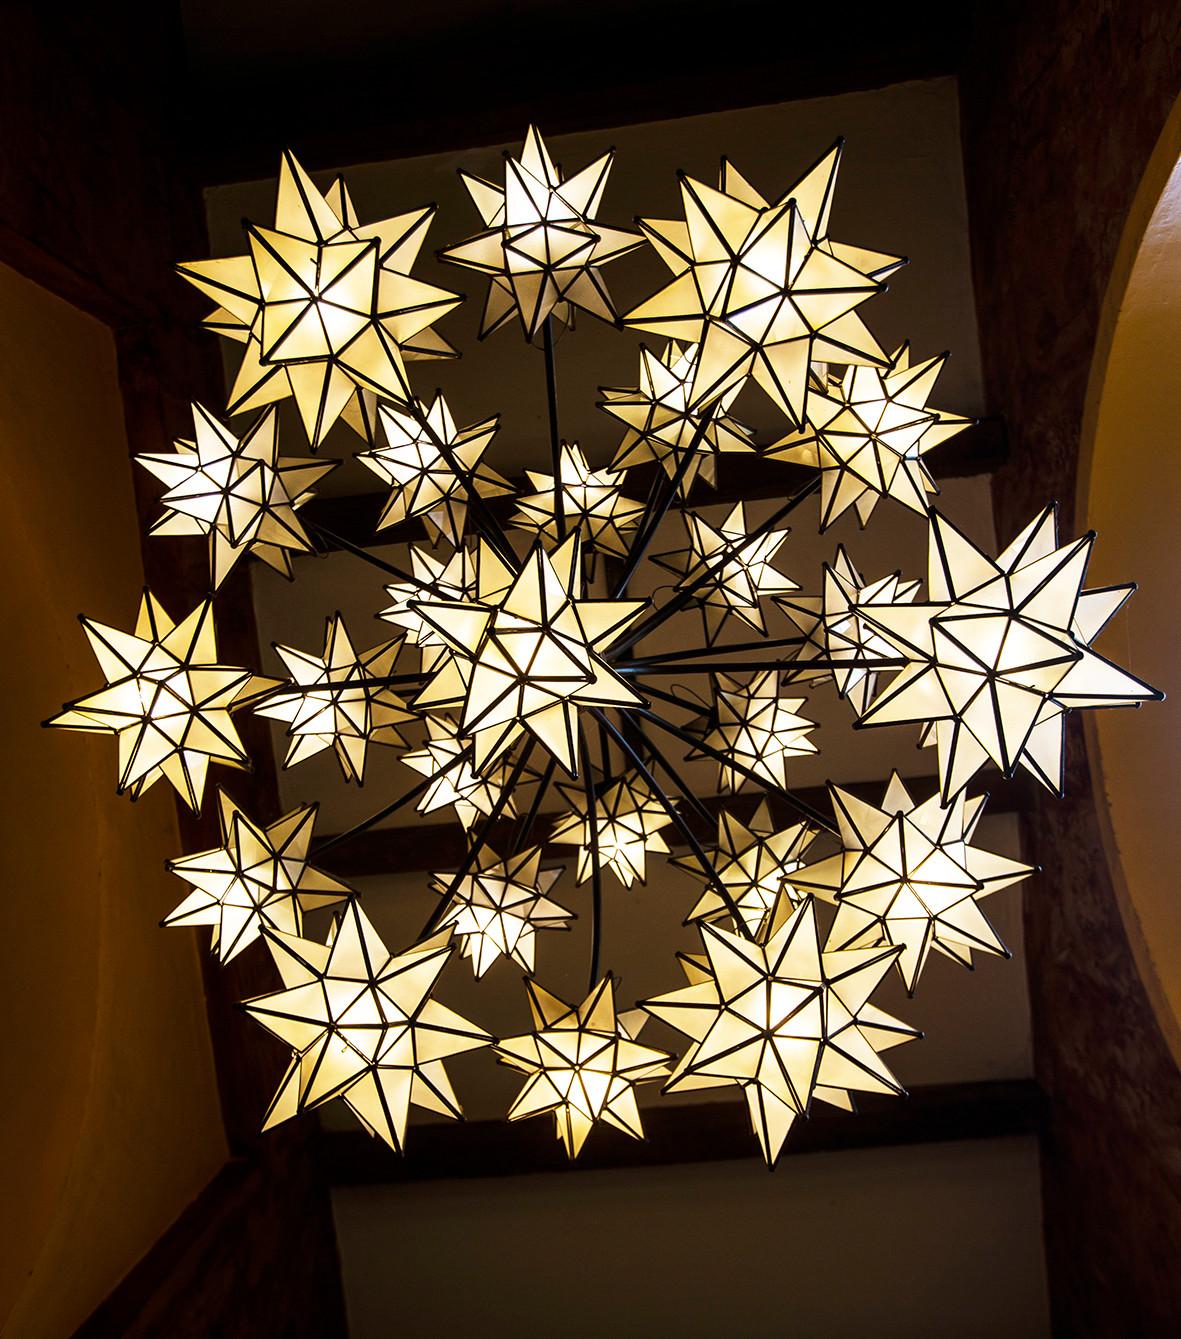 Lampara estrellas ch.jpg